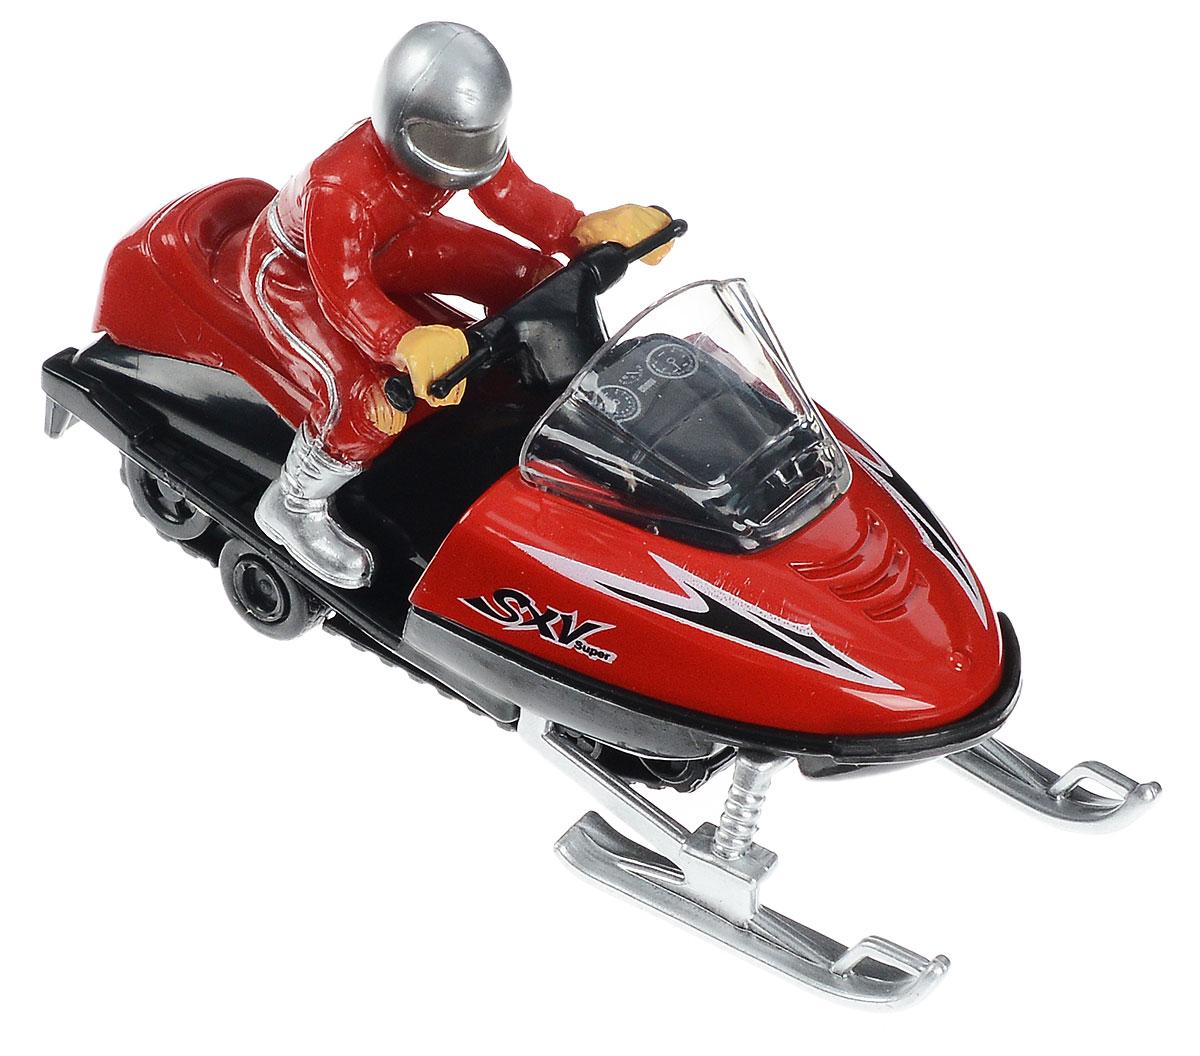 Технопарк СнегоходFY363Снегоход с инерционным механизмом ТехноПарк - миниатюрная копия настоящей техники. Он выполнен из качественного и безопасного металла. На сидении снегохода находится фигурка человека, одетого в красный костюм и серебристый шлем. Игрушка очень понравится любителям зимних развлечений. Механизм, встроенный в игрушечный снегоход, позволяет ему ездить самостоятельно. Для активизации механизма необходимо просто откатить его назад, а потом отпустить. Ваш ребенок будет часами играть с этой машинкой, придумывая различные истории. Порадуйте его таким замечательным подарком!